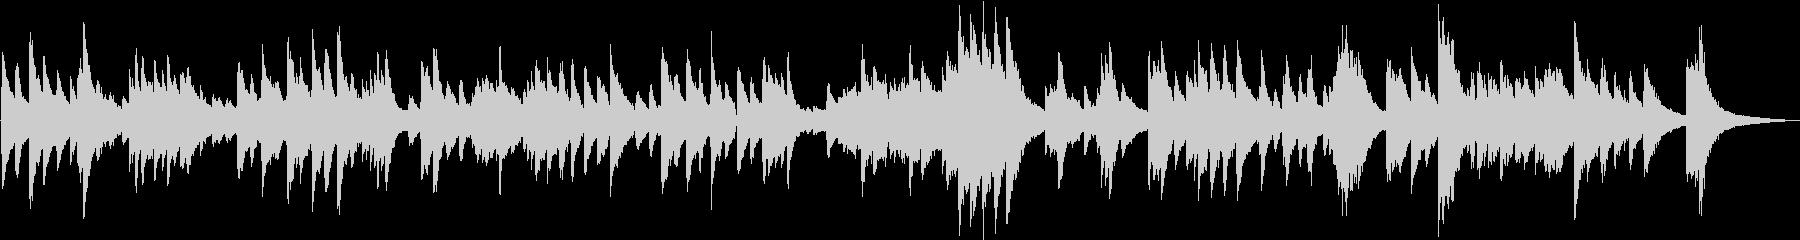 生演奏 ゆったりとしたピアノBGMの未再生の波形